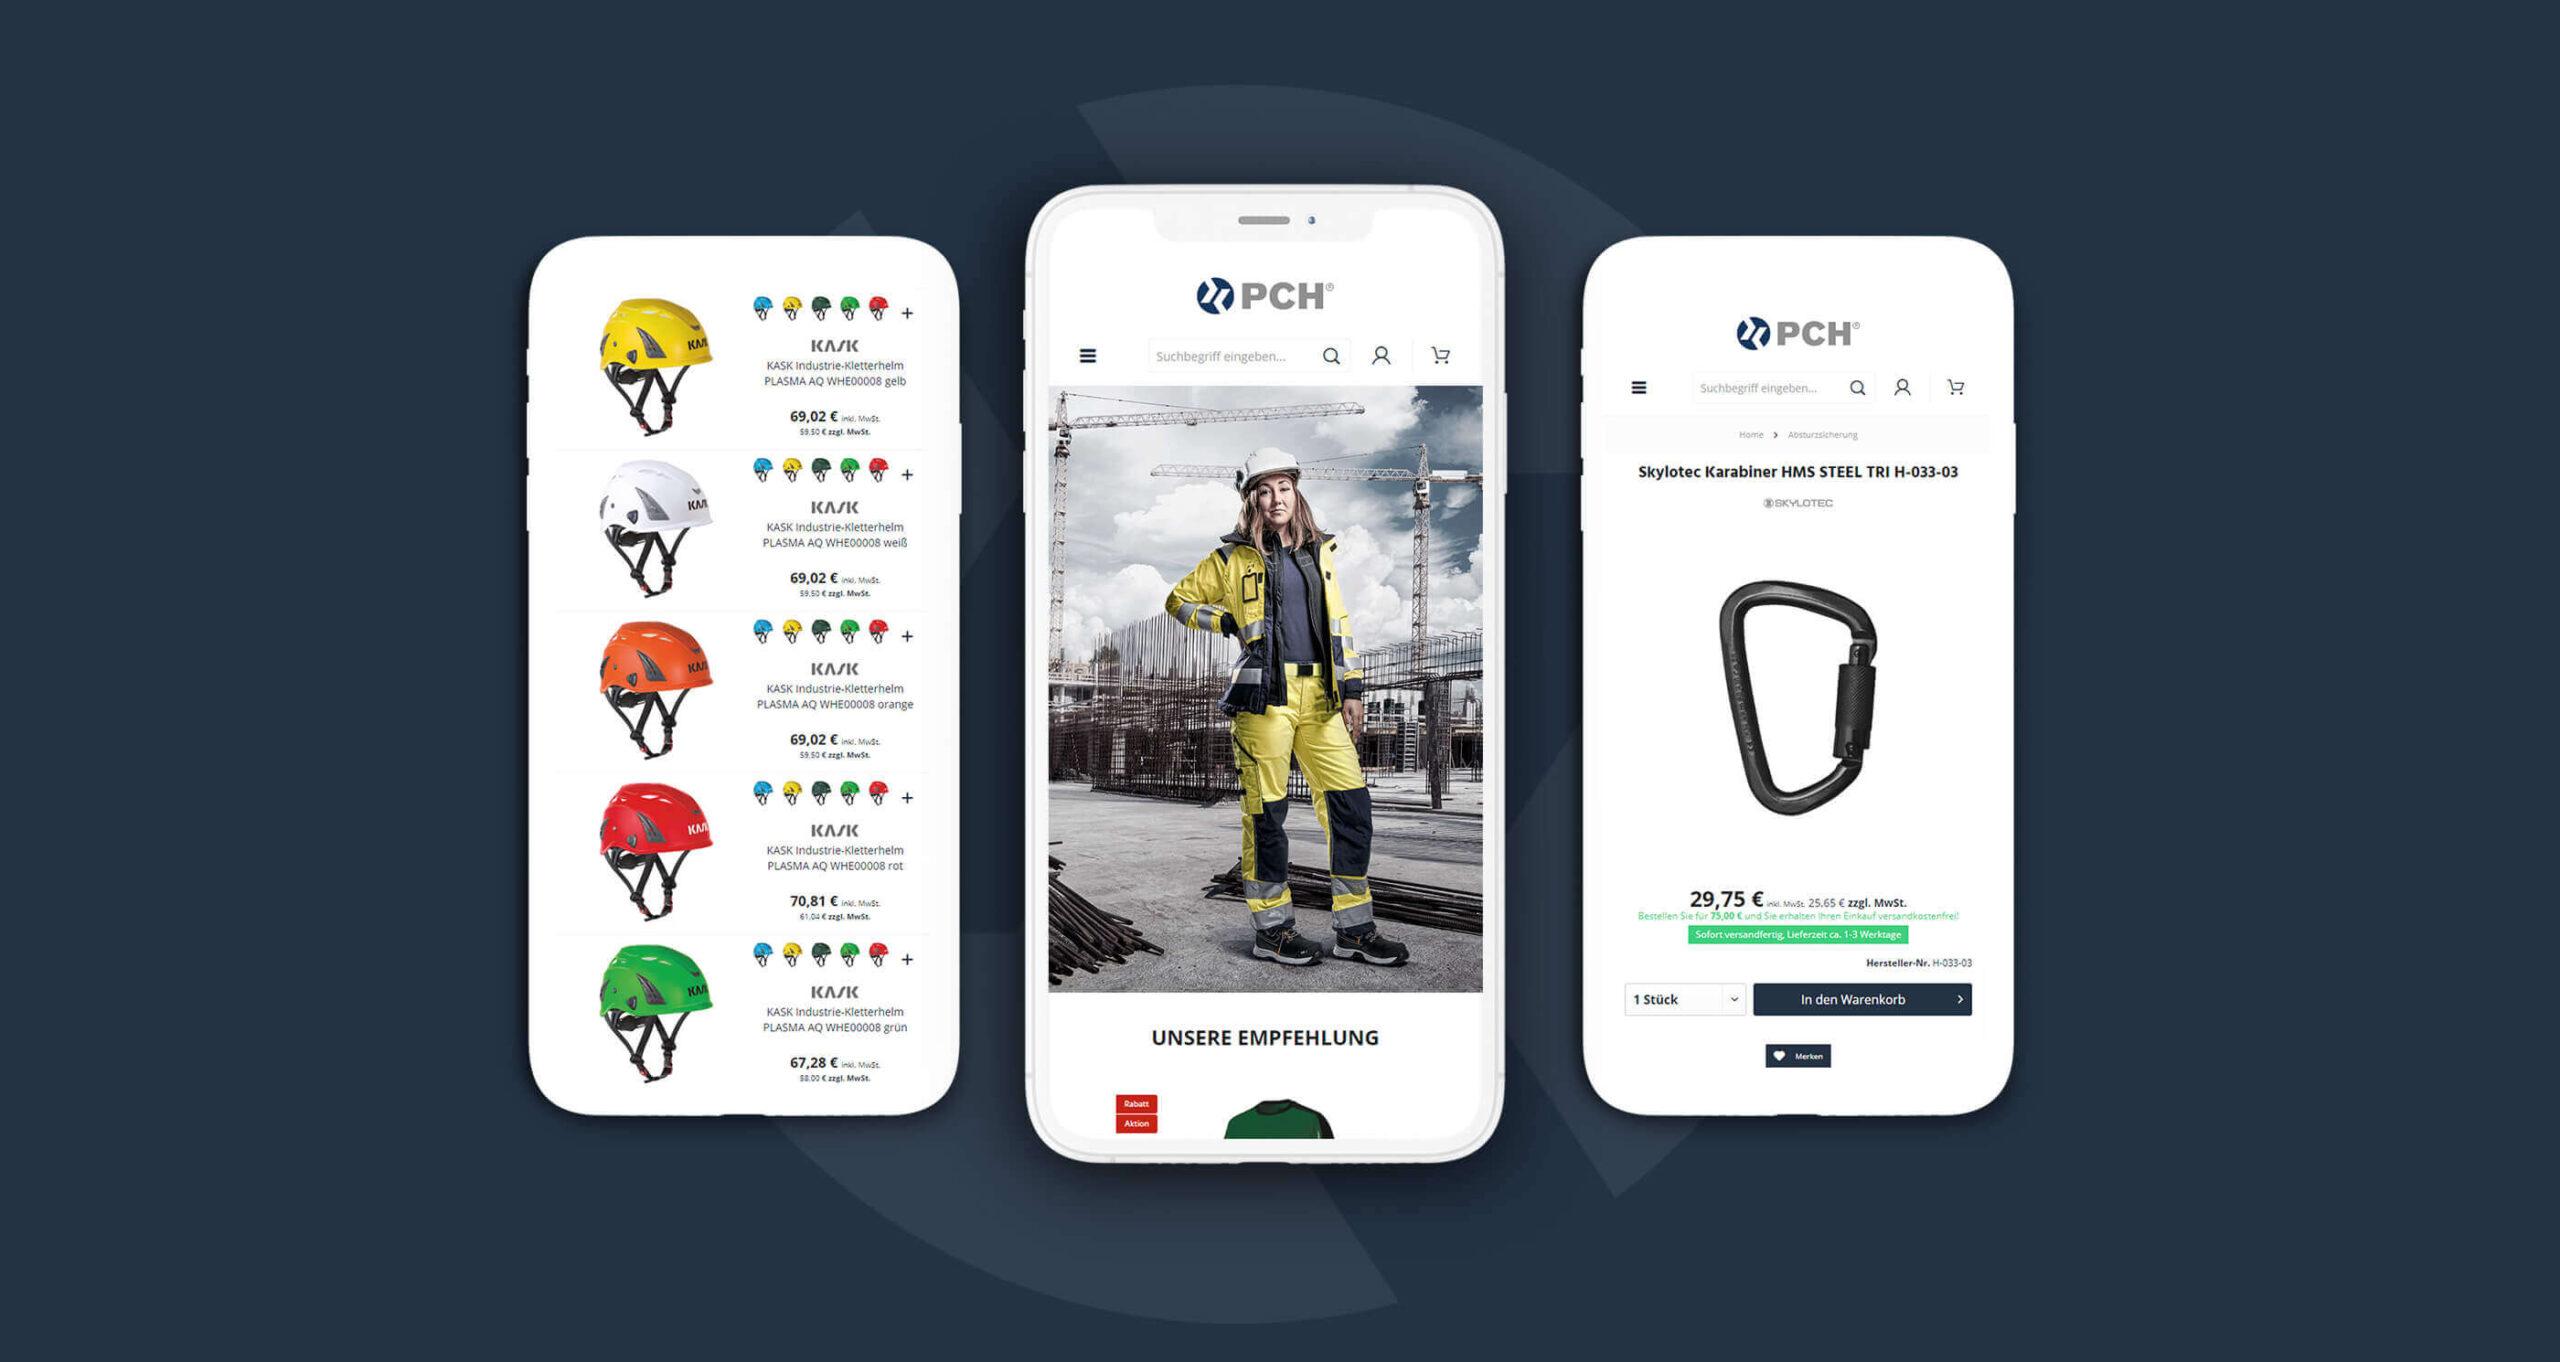 Layout und Konzept auf Shopware 5 der E-Commerce-Agentur: BS-Style GmbH. Darstellung der mobilen Ansicht des Onlineshops von PCH-shop.de